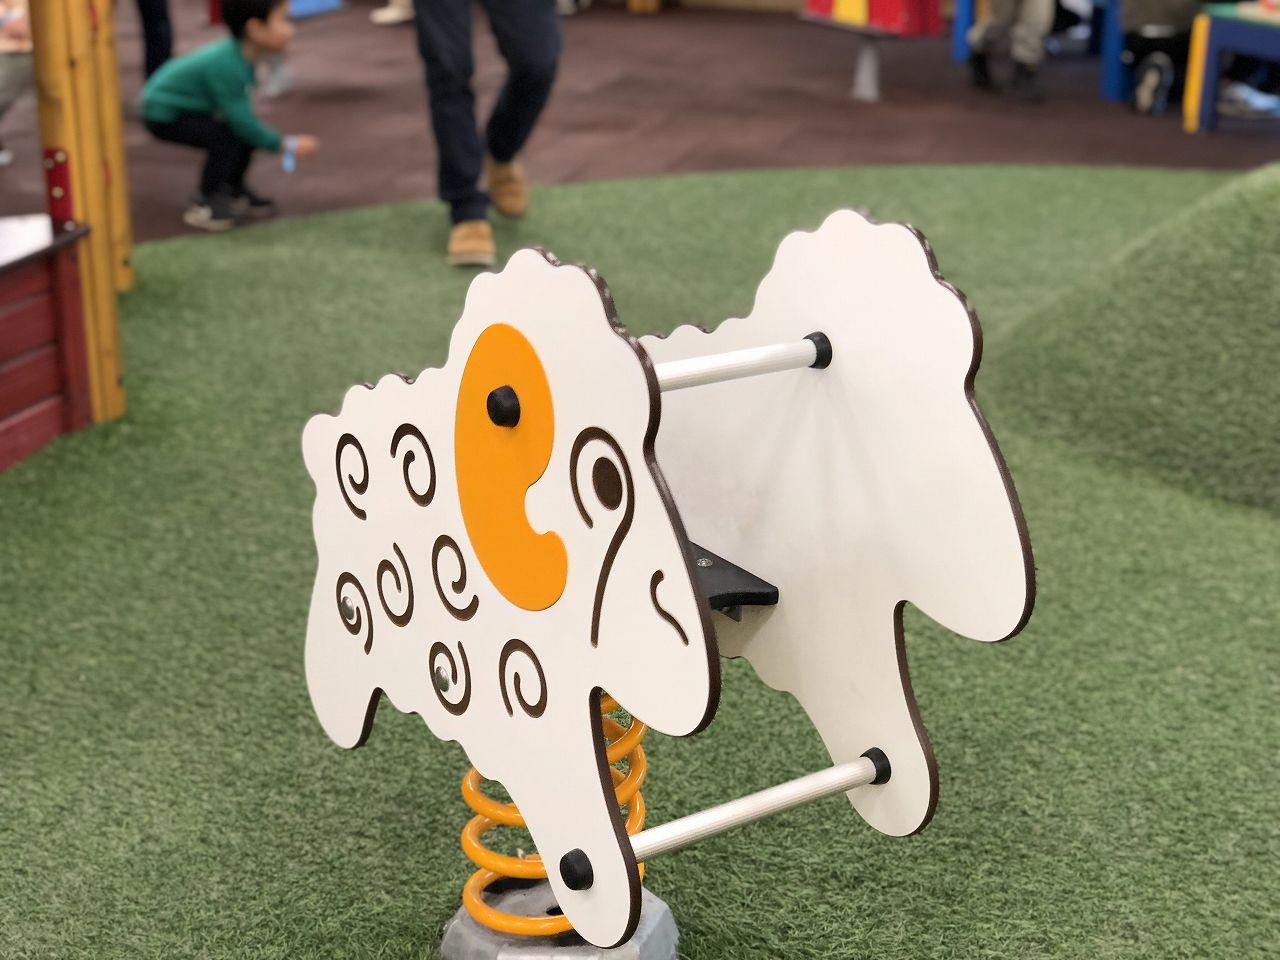 公園にある揺れる遊具